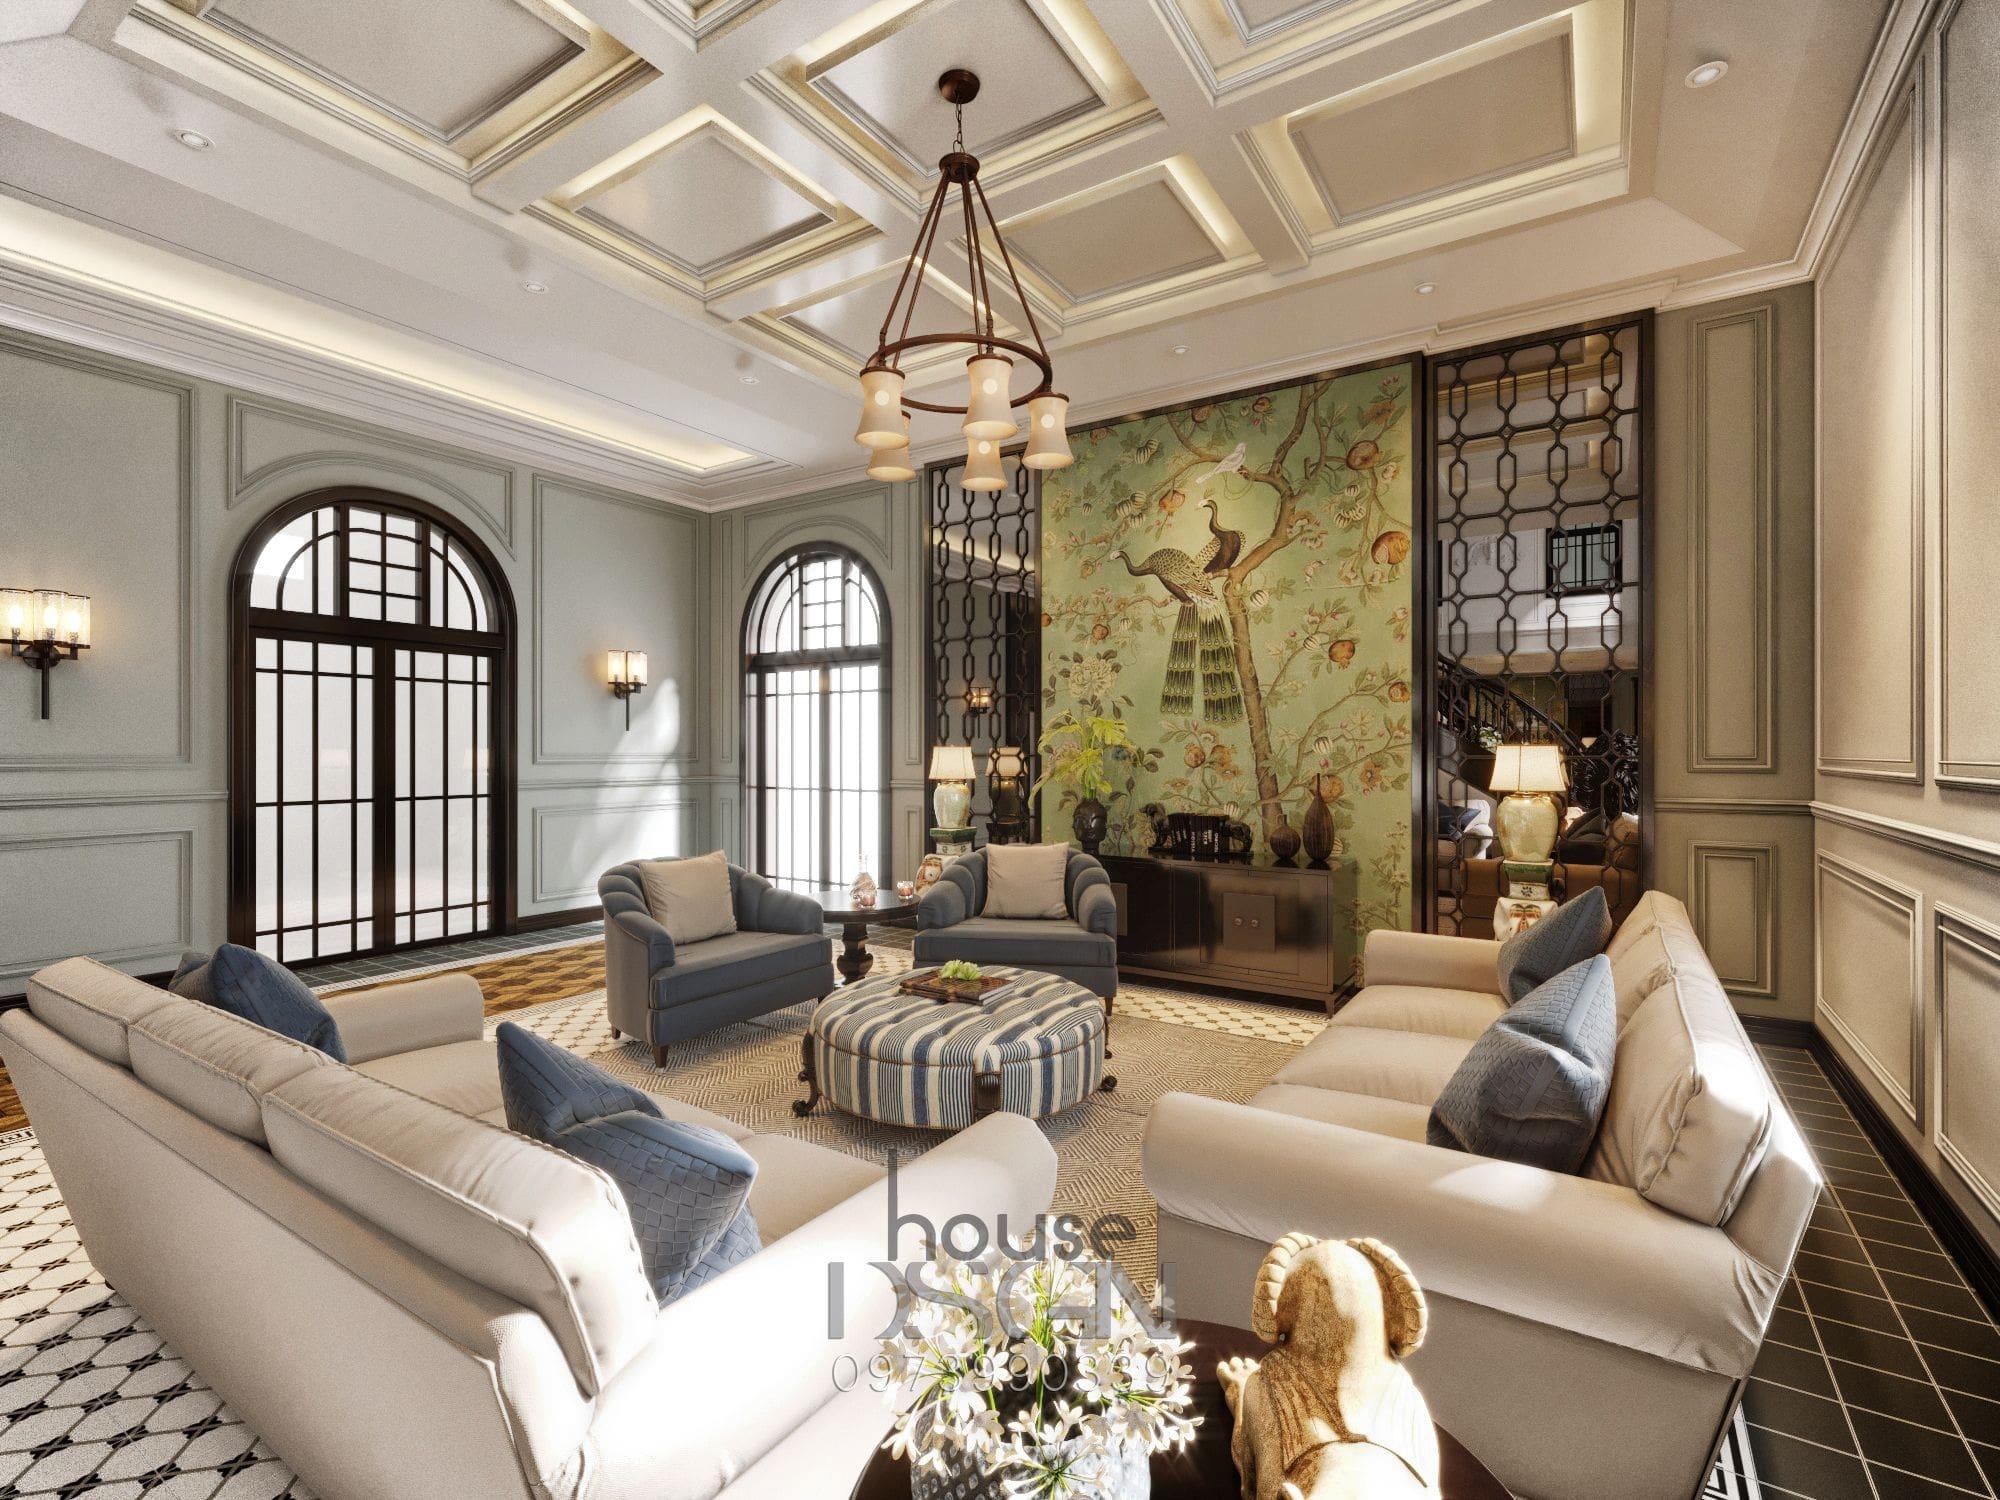 mẫu thiết kế nội thất biệt thự phòng khách